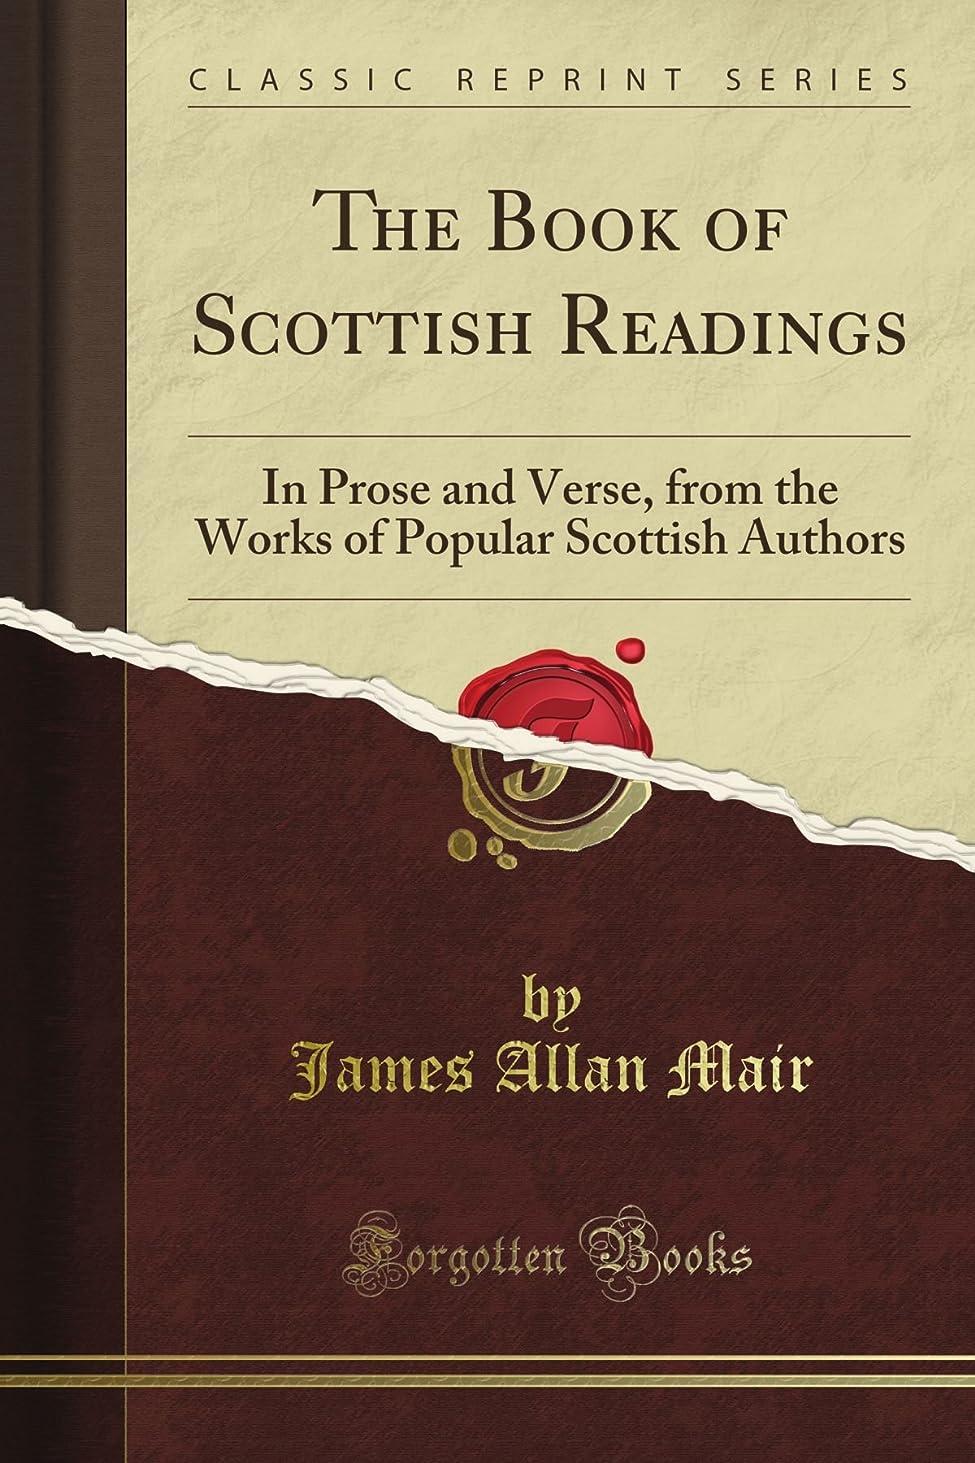 カップル補助屋内The Book of Scottish Readings: In Prose and Verse, from the Works of Popular Scottish Authors (Classic Reprint)